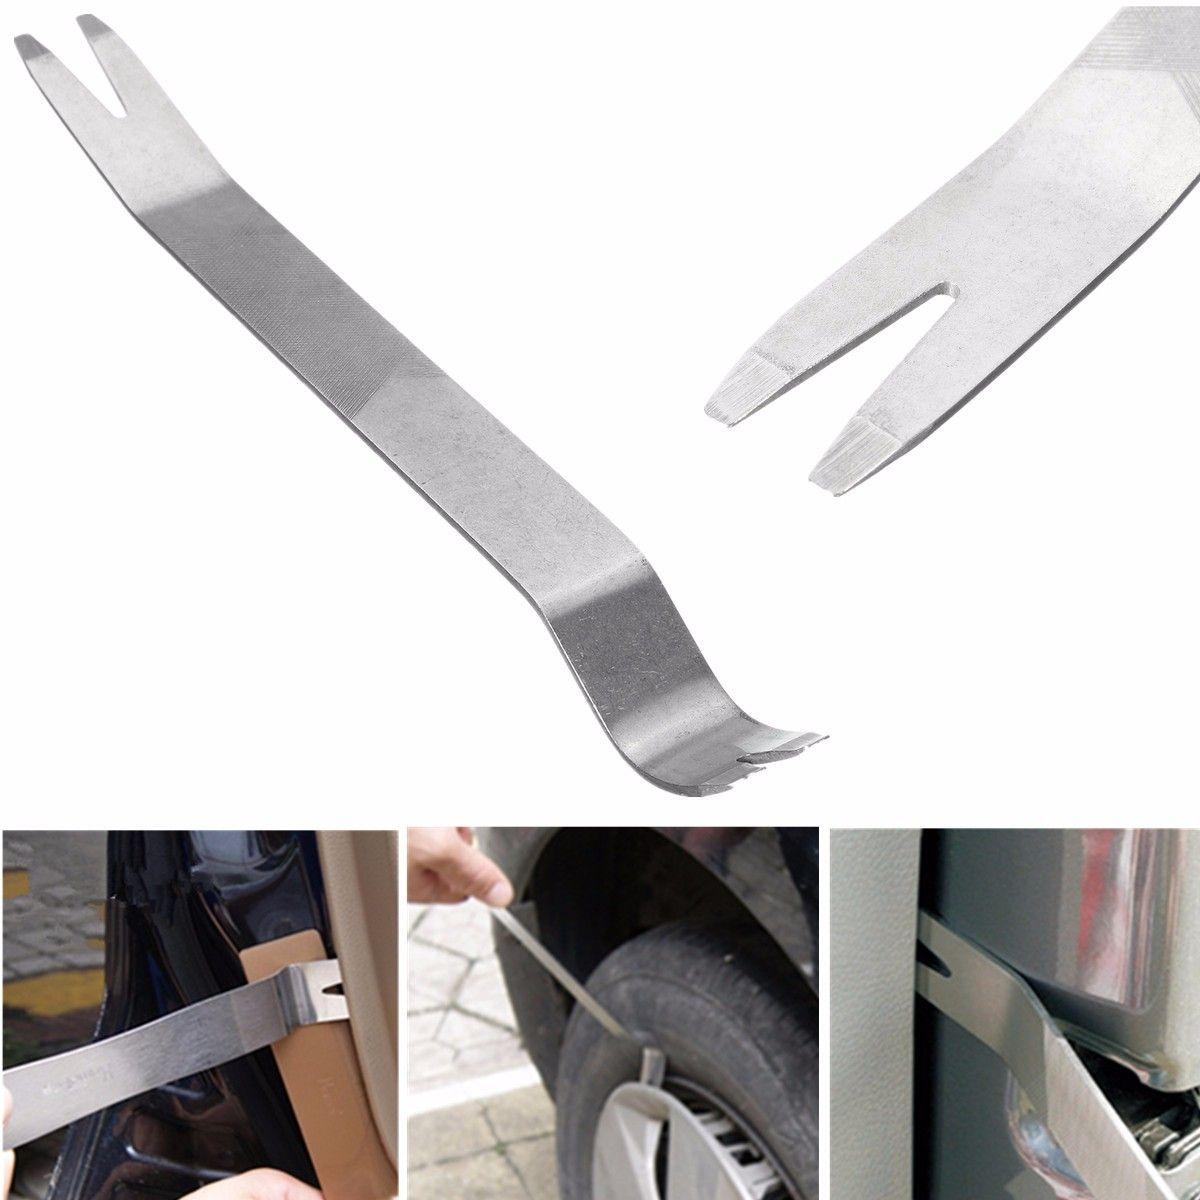 Auto Tür Plank DVD Navigation Demontage Akustische Demontage Werkzeug Hebeln Bord Edelstahl Verziehen Platte